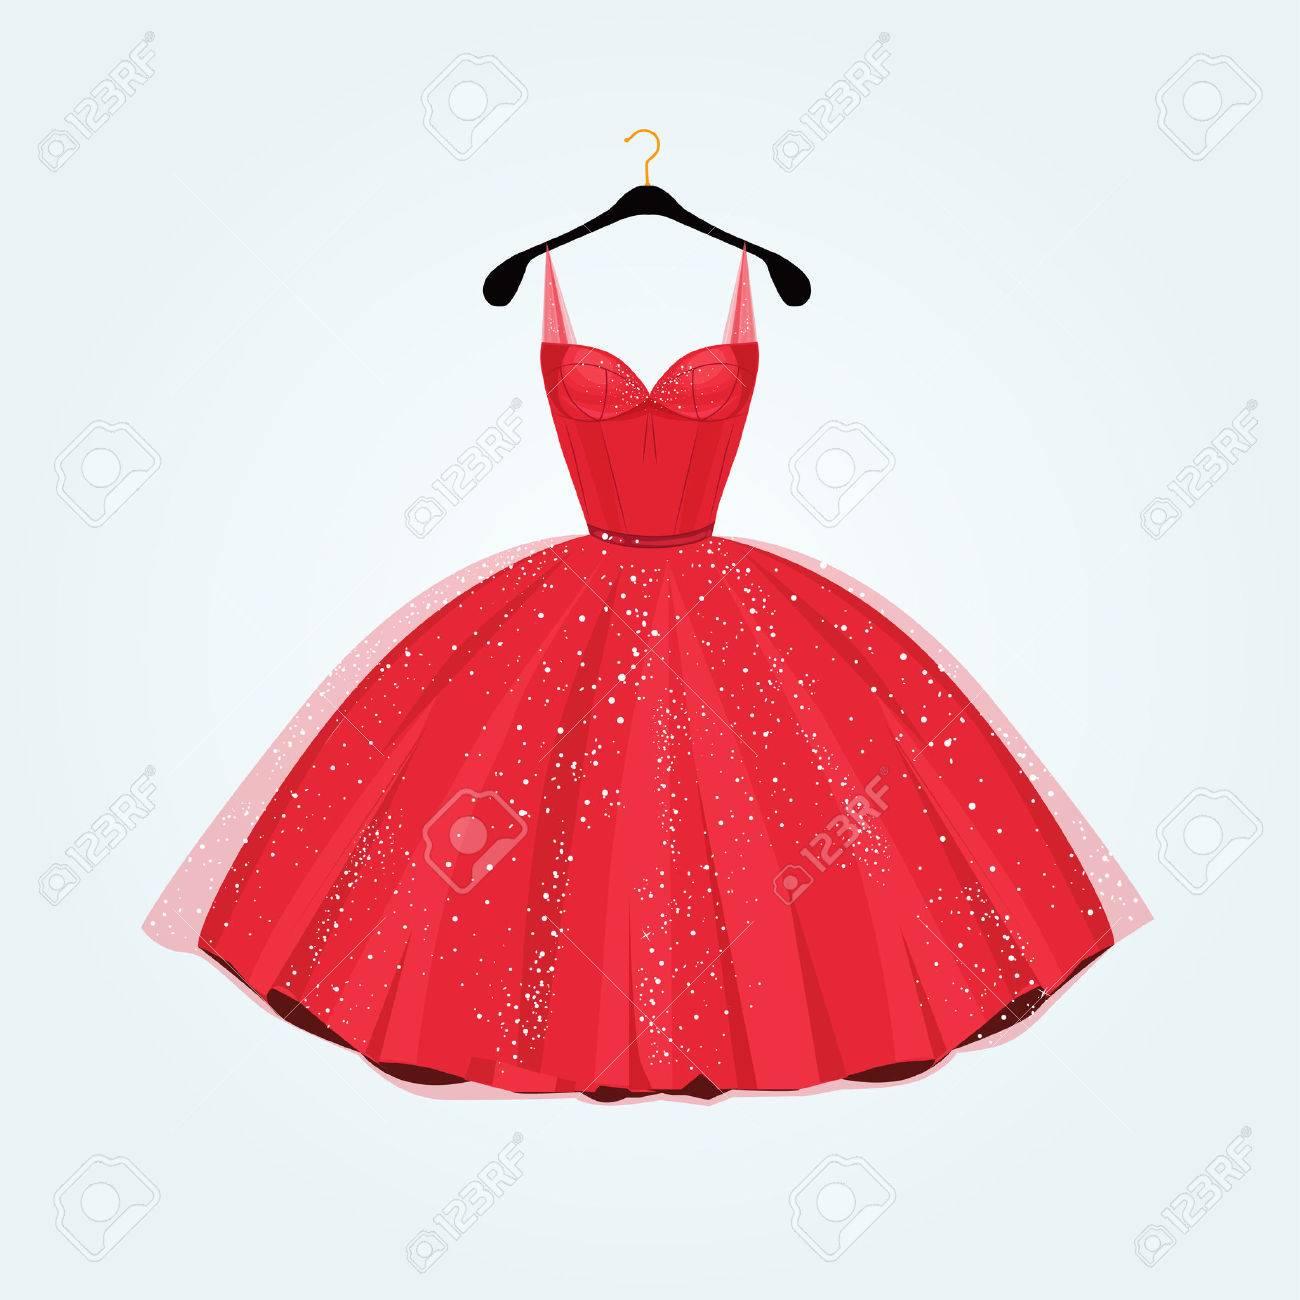 Red Wunderschönen Partykleid. Vektor-Illustration Lizenzfrei ...